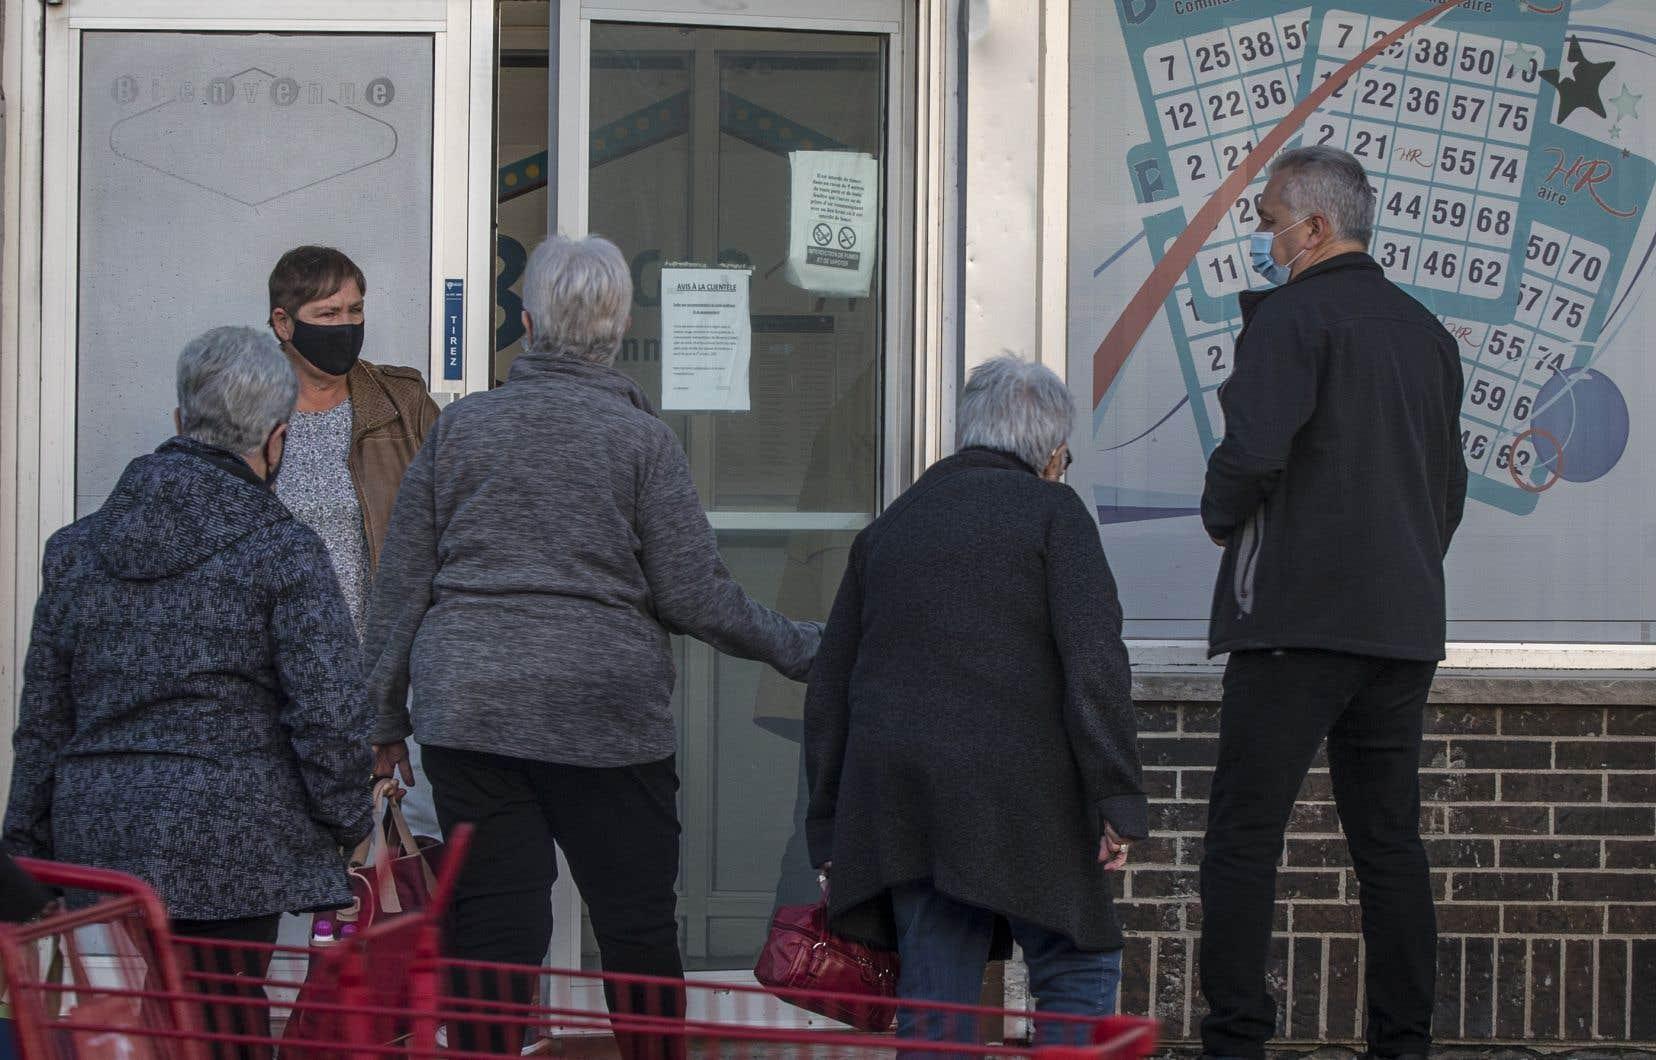 Le bingo de Saint-Jean-sur-Richelieu fait les manchettes depuis près d'une semaine.